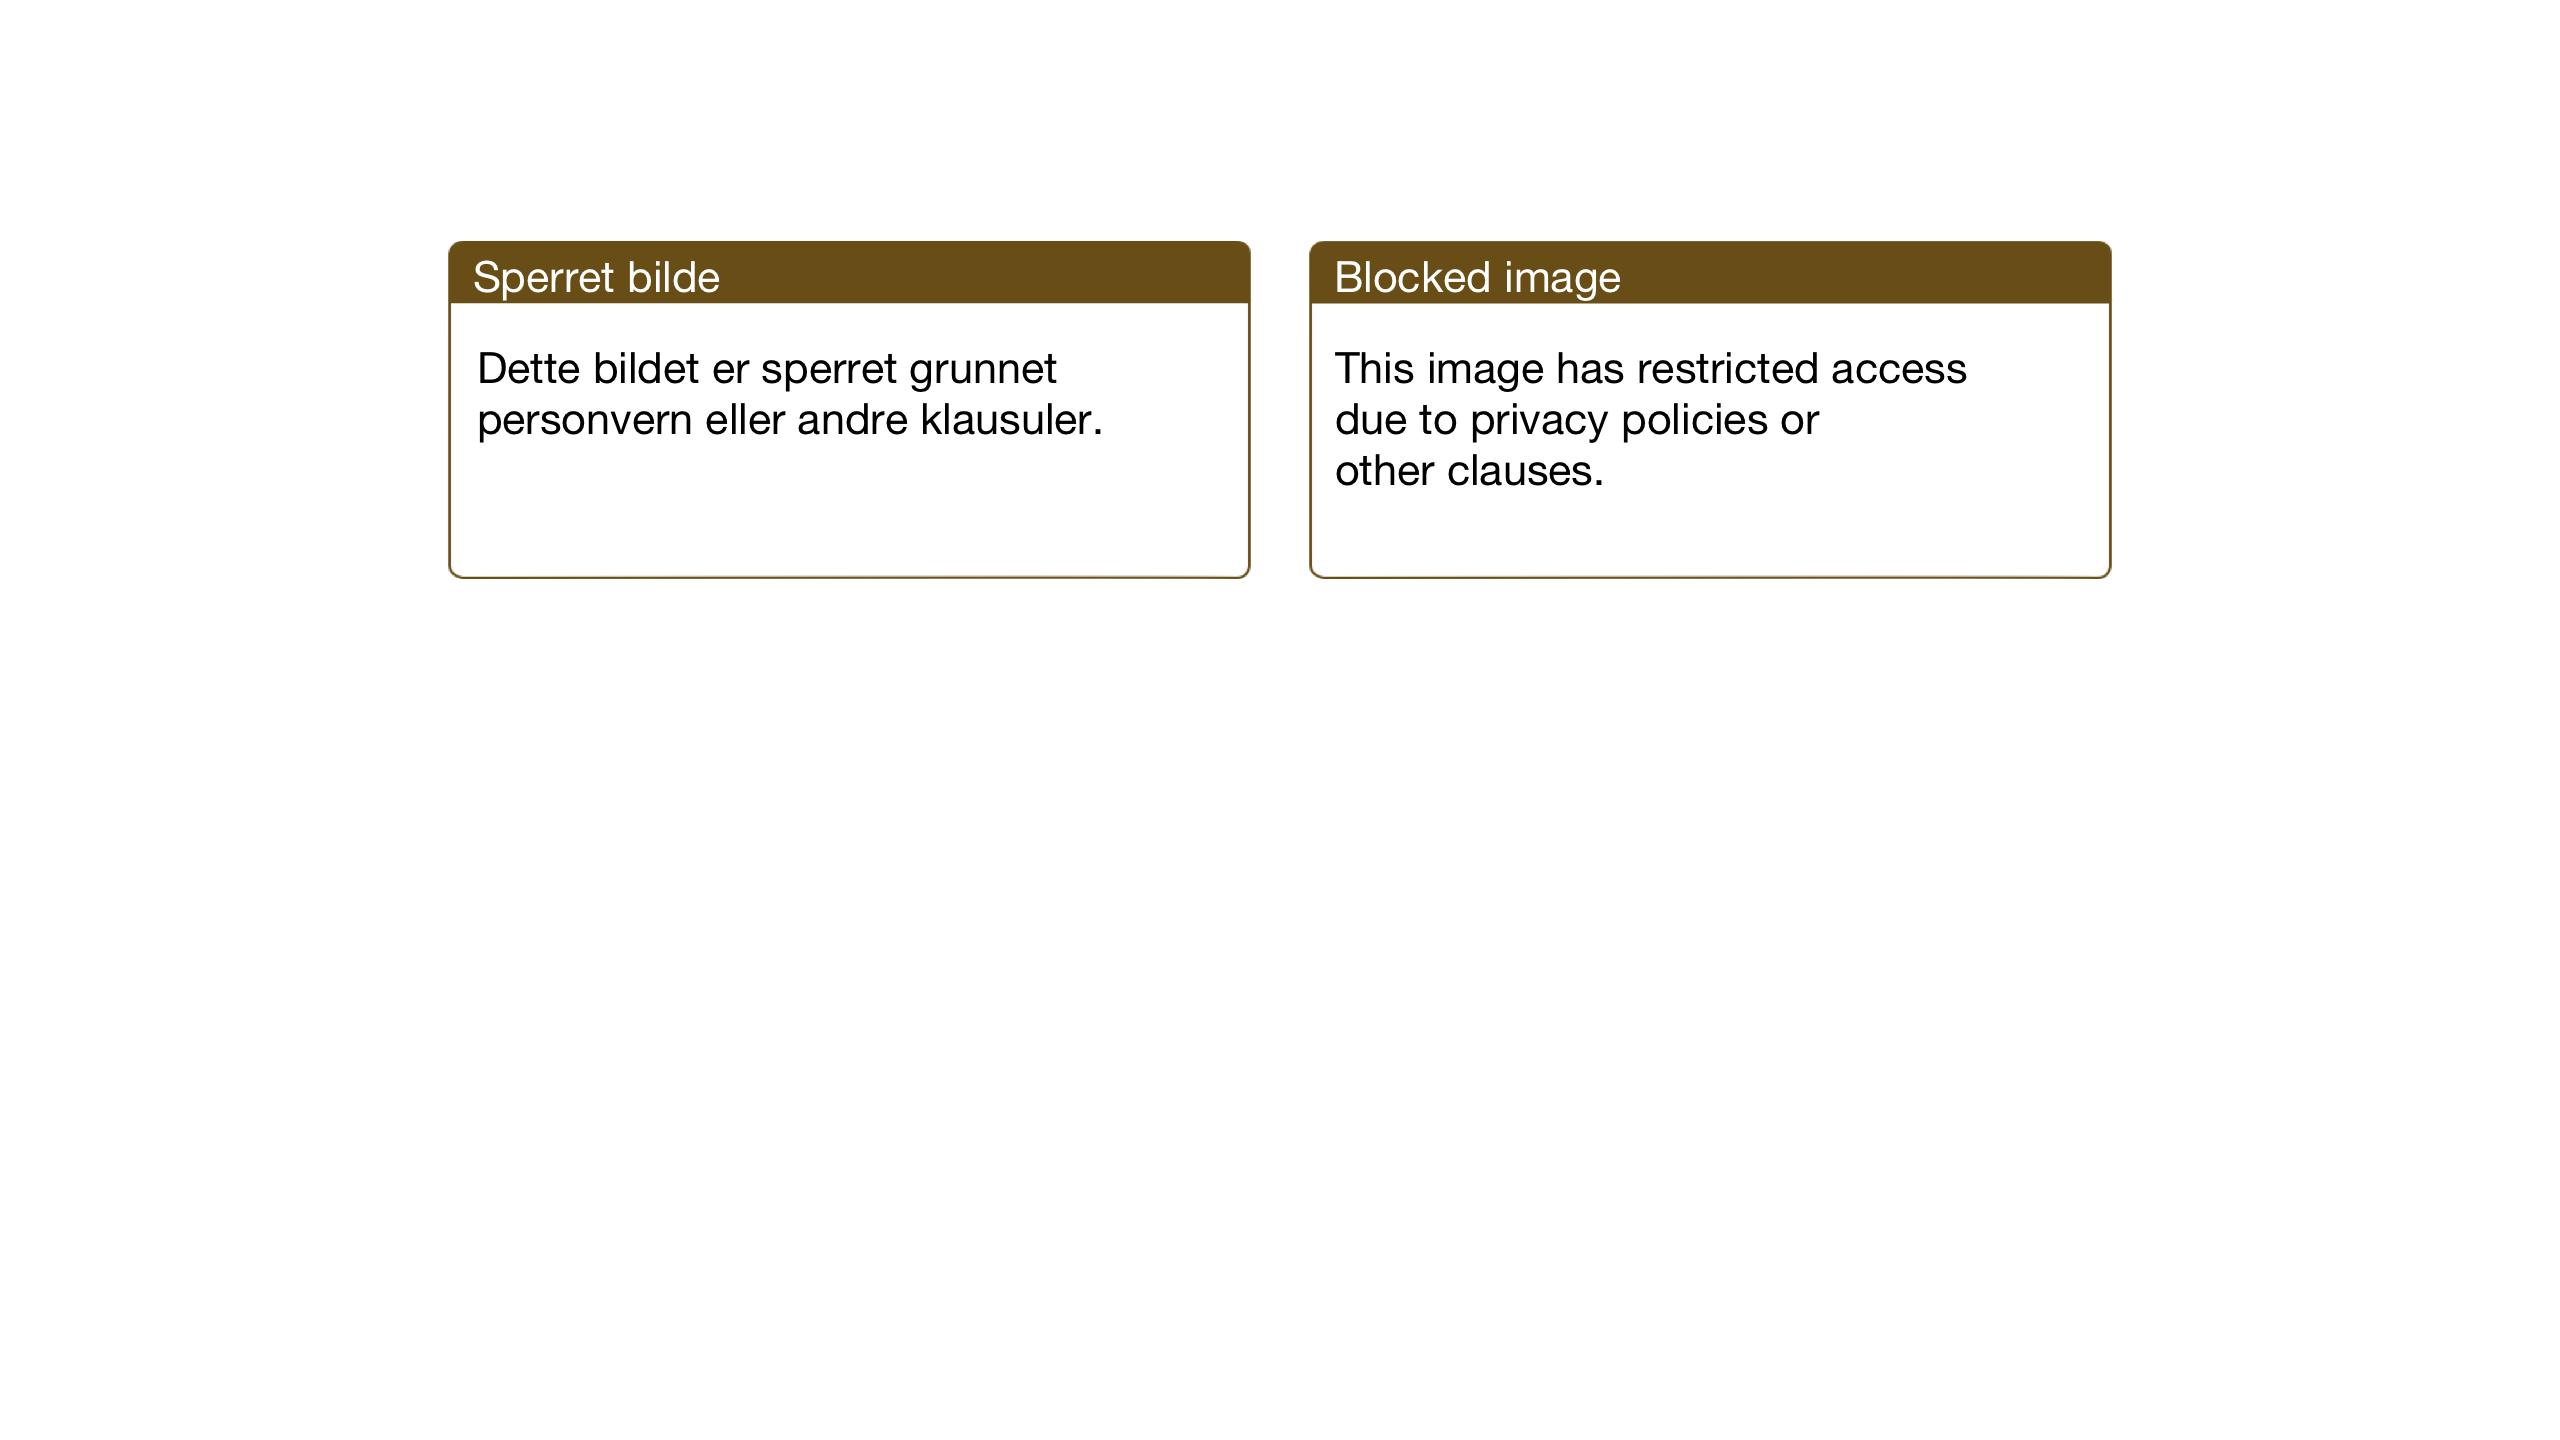 SAT, Ministerialprotokoller, klokkerbøker og fødselsregistre - Sør-Trøndelag, 604/L0210: Ministerialbok nr. 604A30, 1932-1946, s. 207